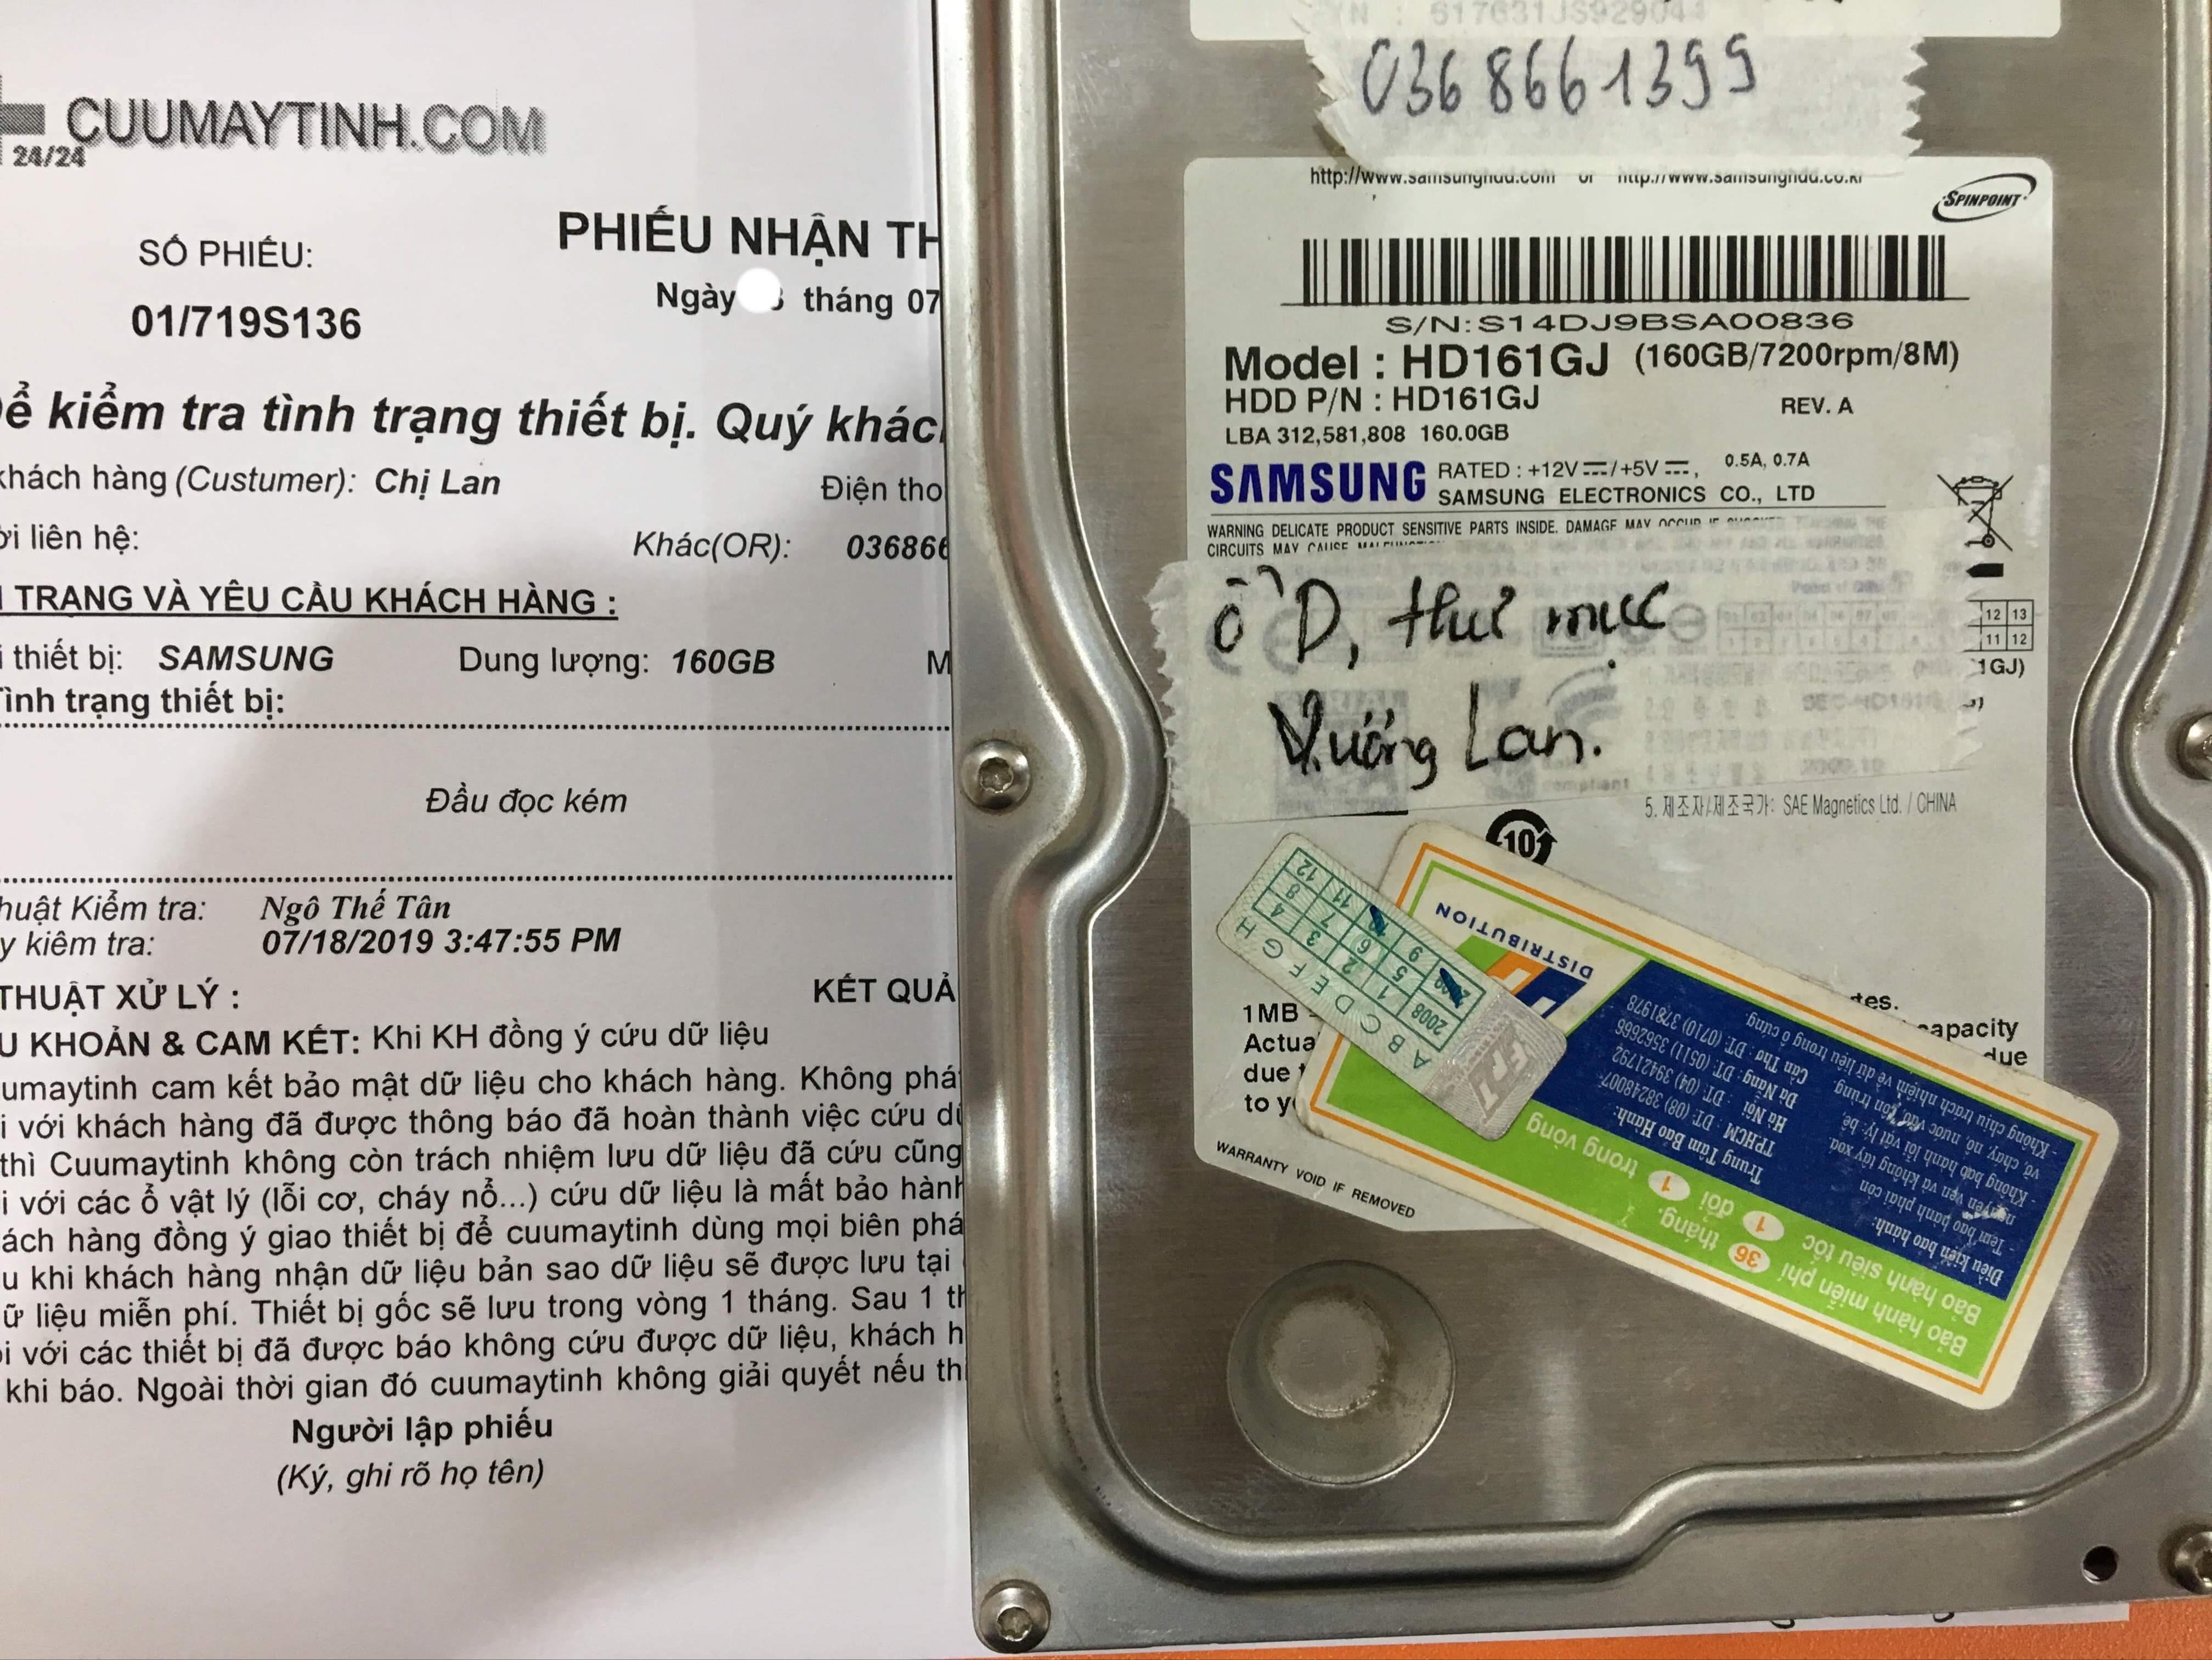 Cứu dữ liệu ổ cứng Samsung 160GB đầu đọc kém 25/07/2019 - cuumaytinh